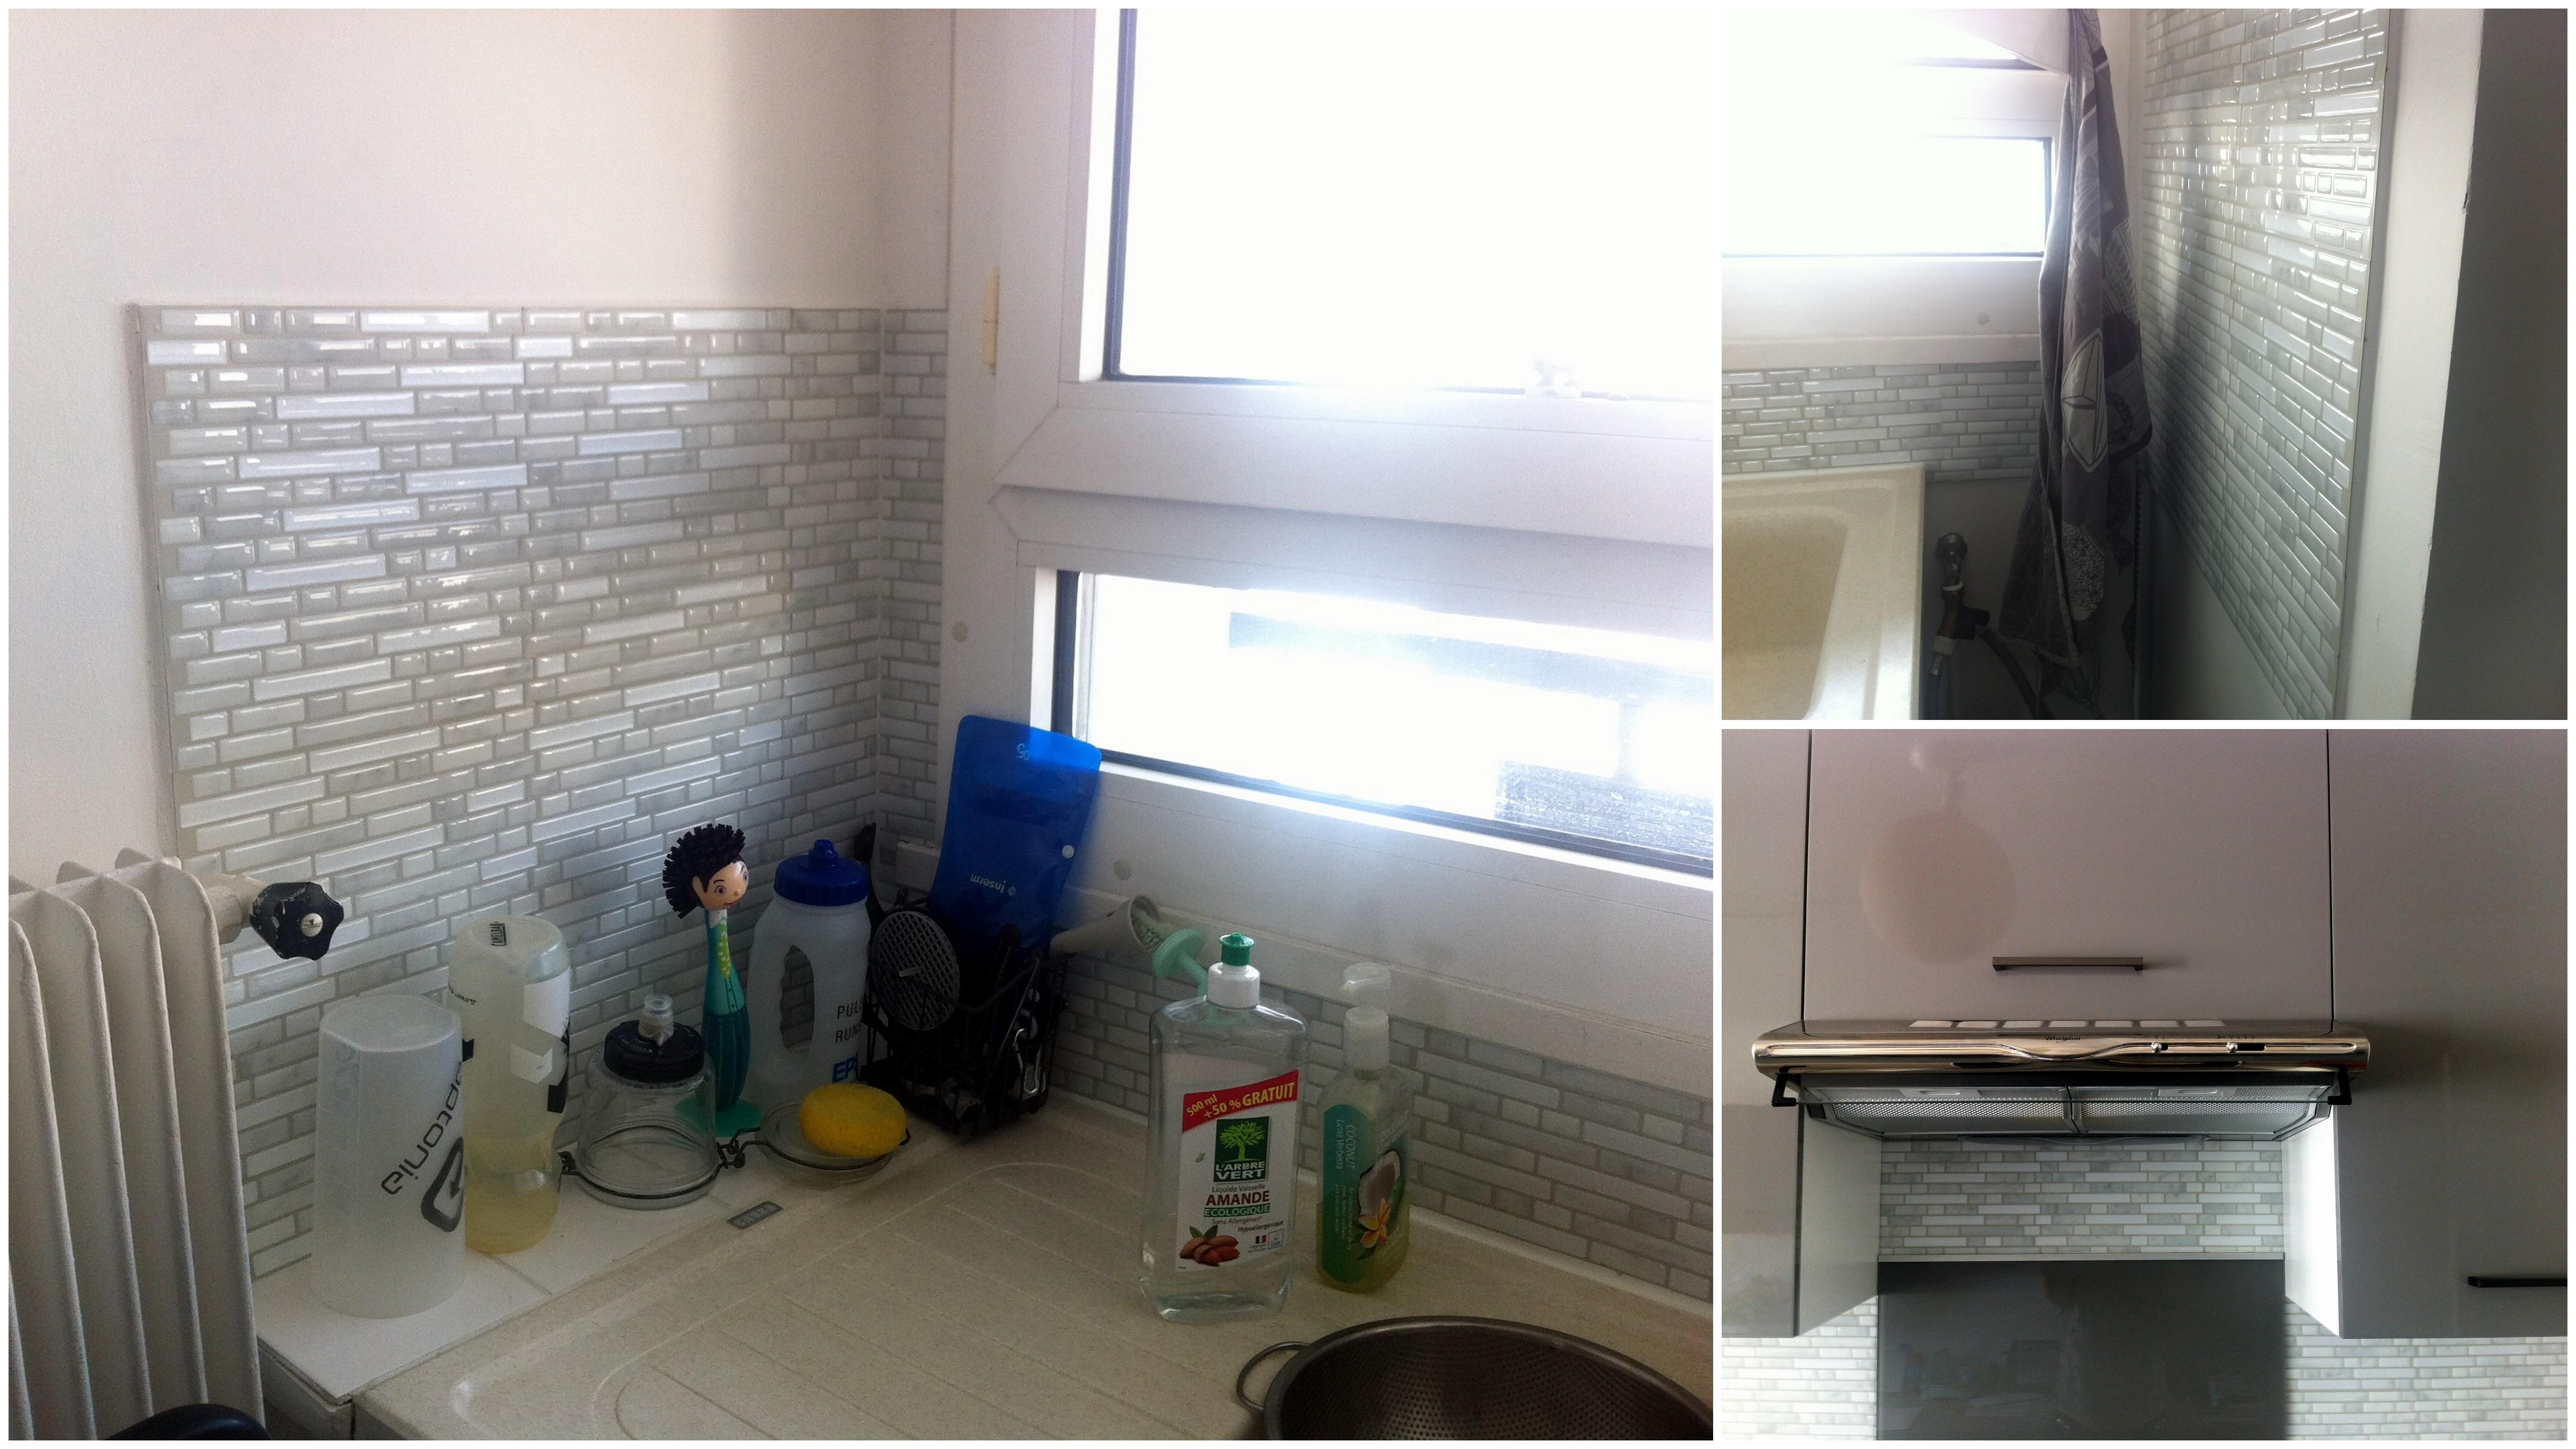 Rinnovare casa con le piastrelle adesive senza demolire - Piastrelle adesive per pareti ...